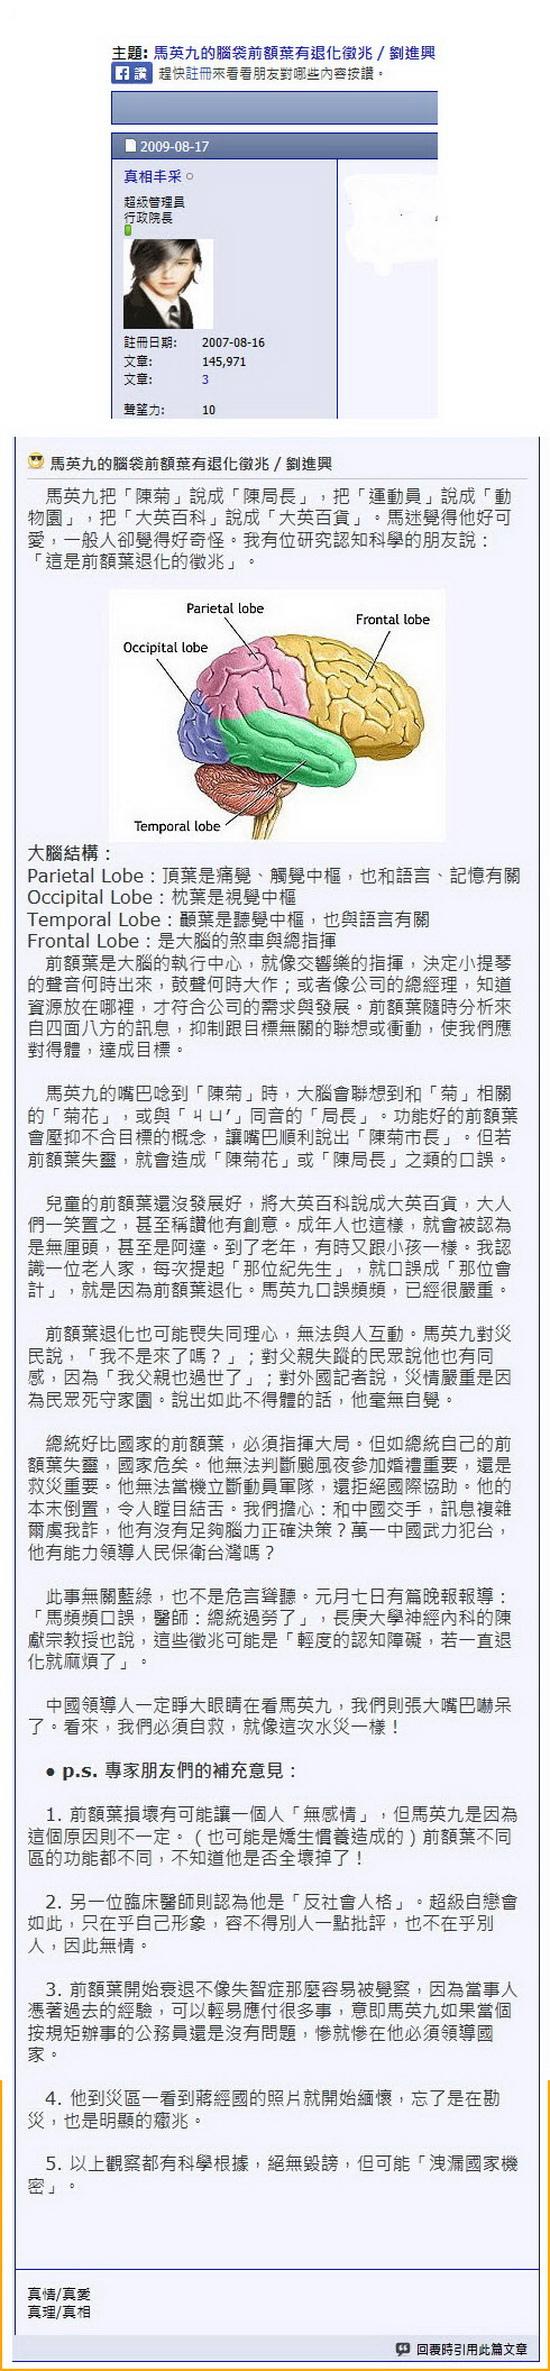 馬英九的腦袋前額葉有退化徵兆/劉進興 -2007.08.16-01.jpg